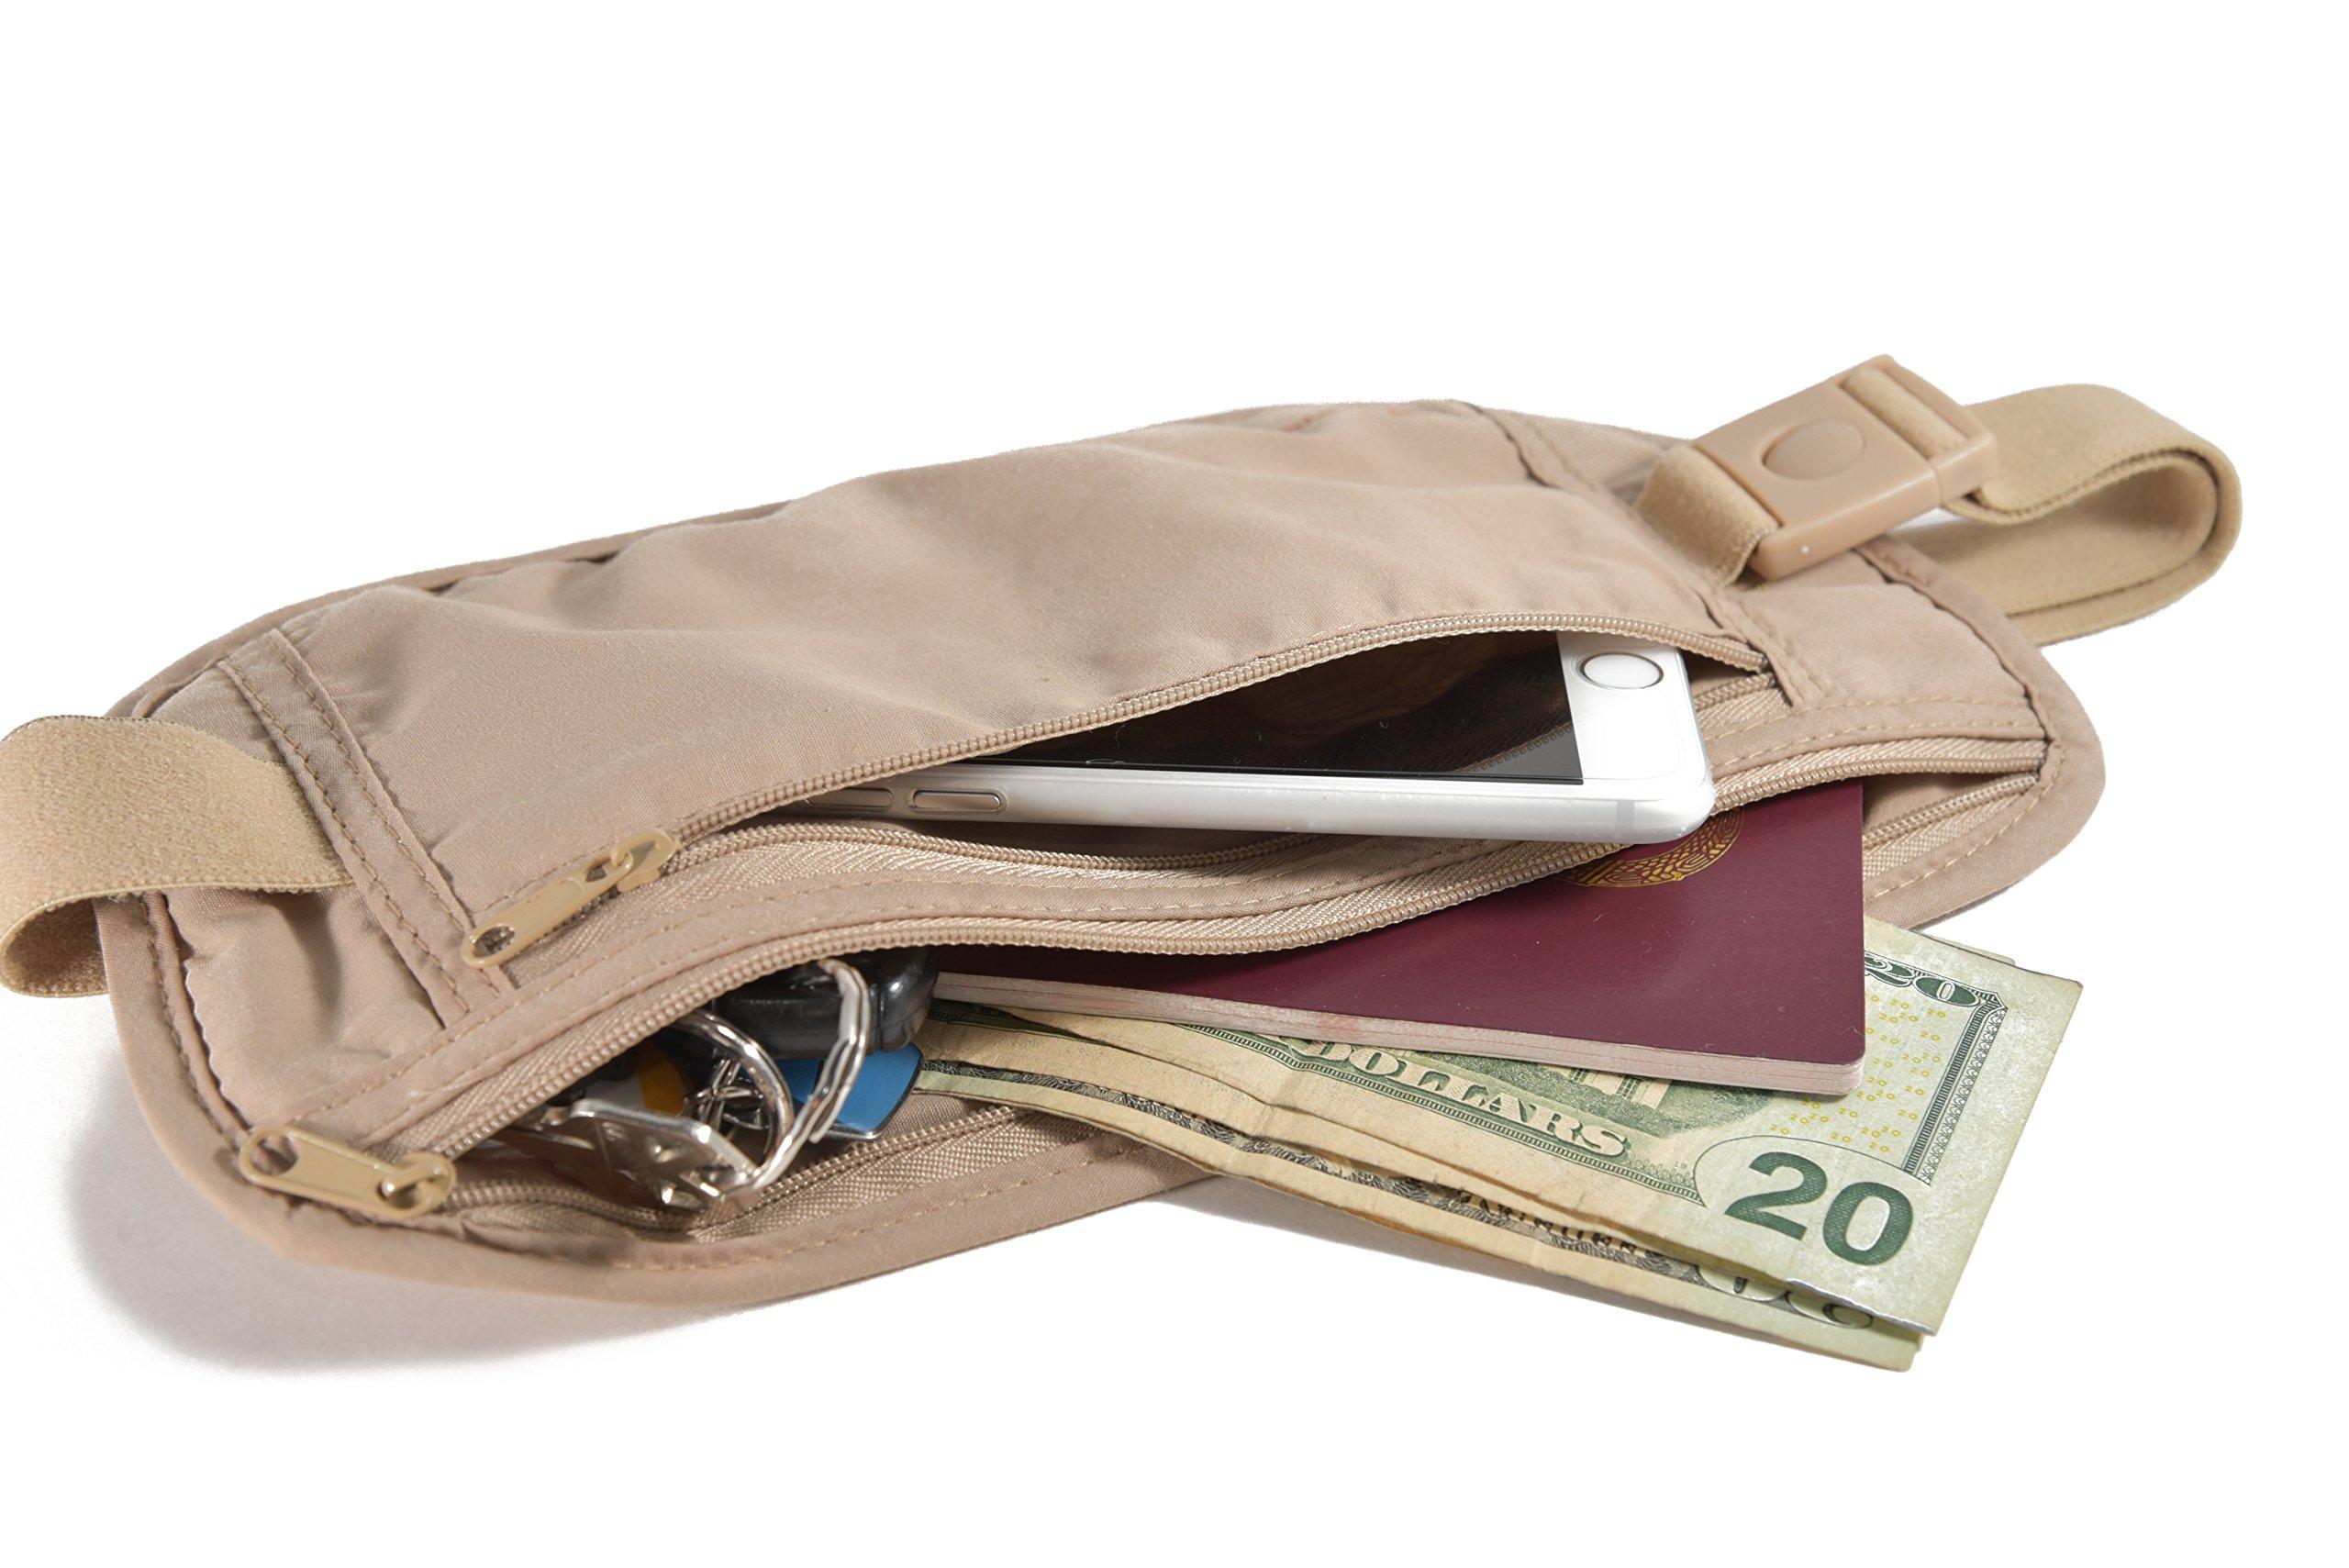 Travel Money Belt Waist Pack for Women or Men by Traveler's Peak